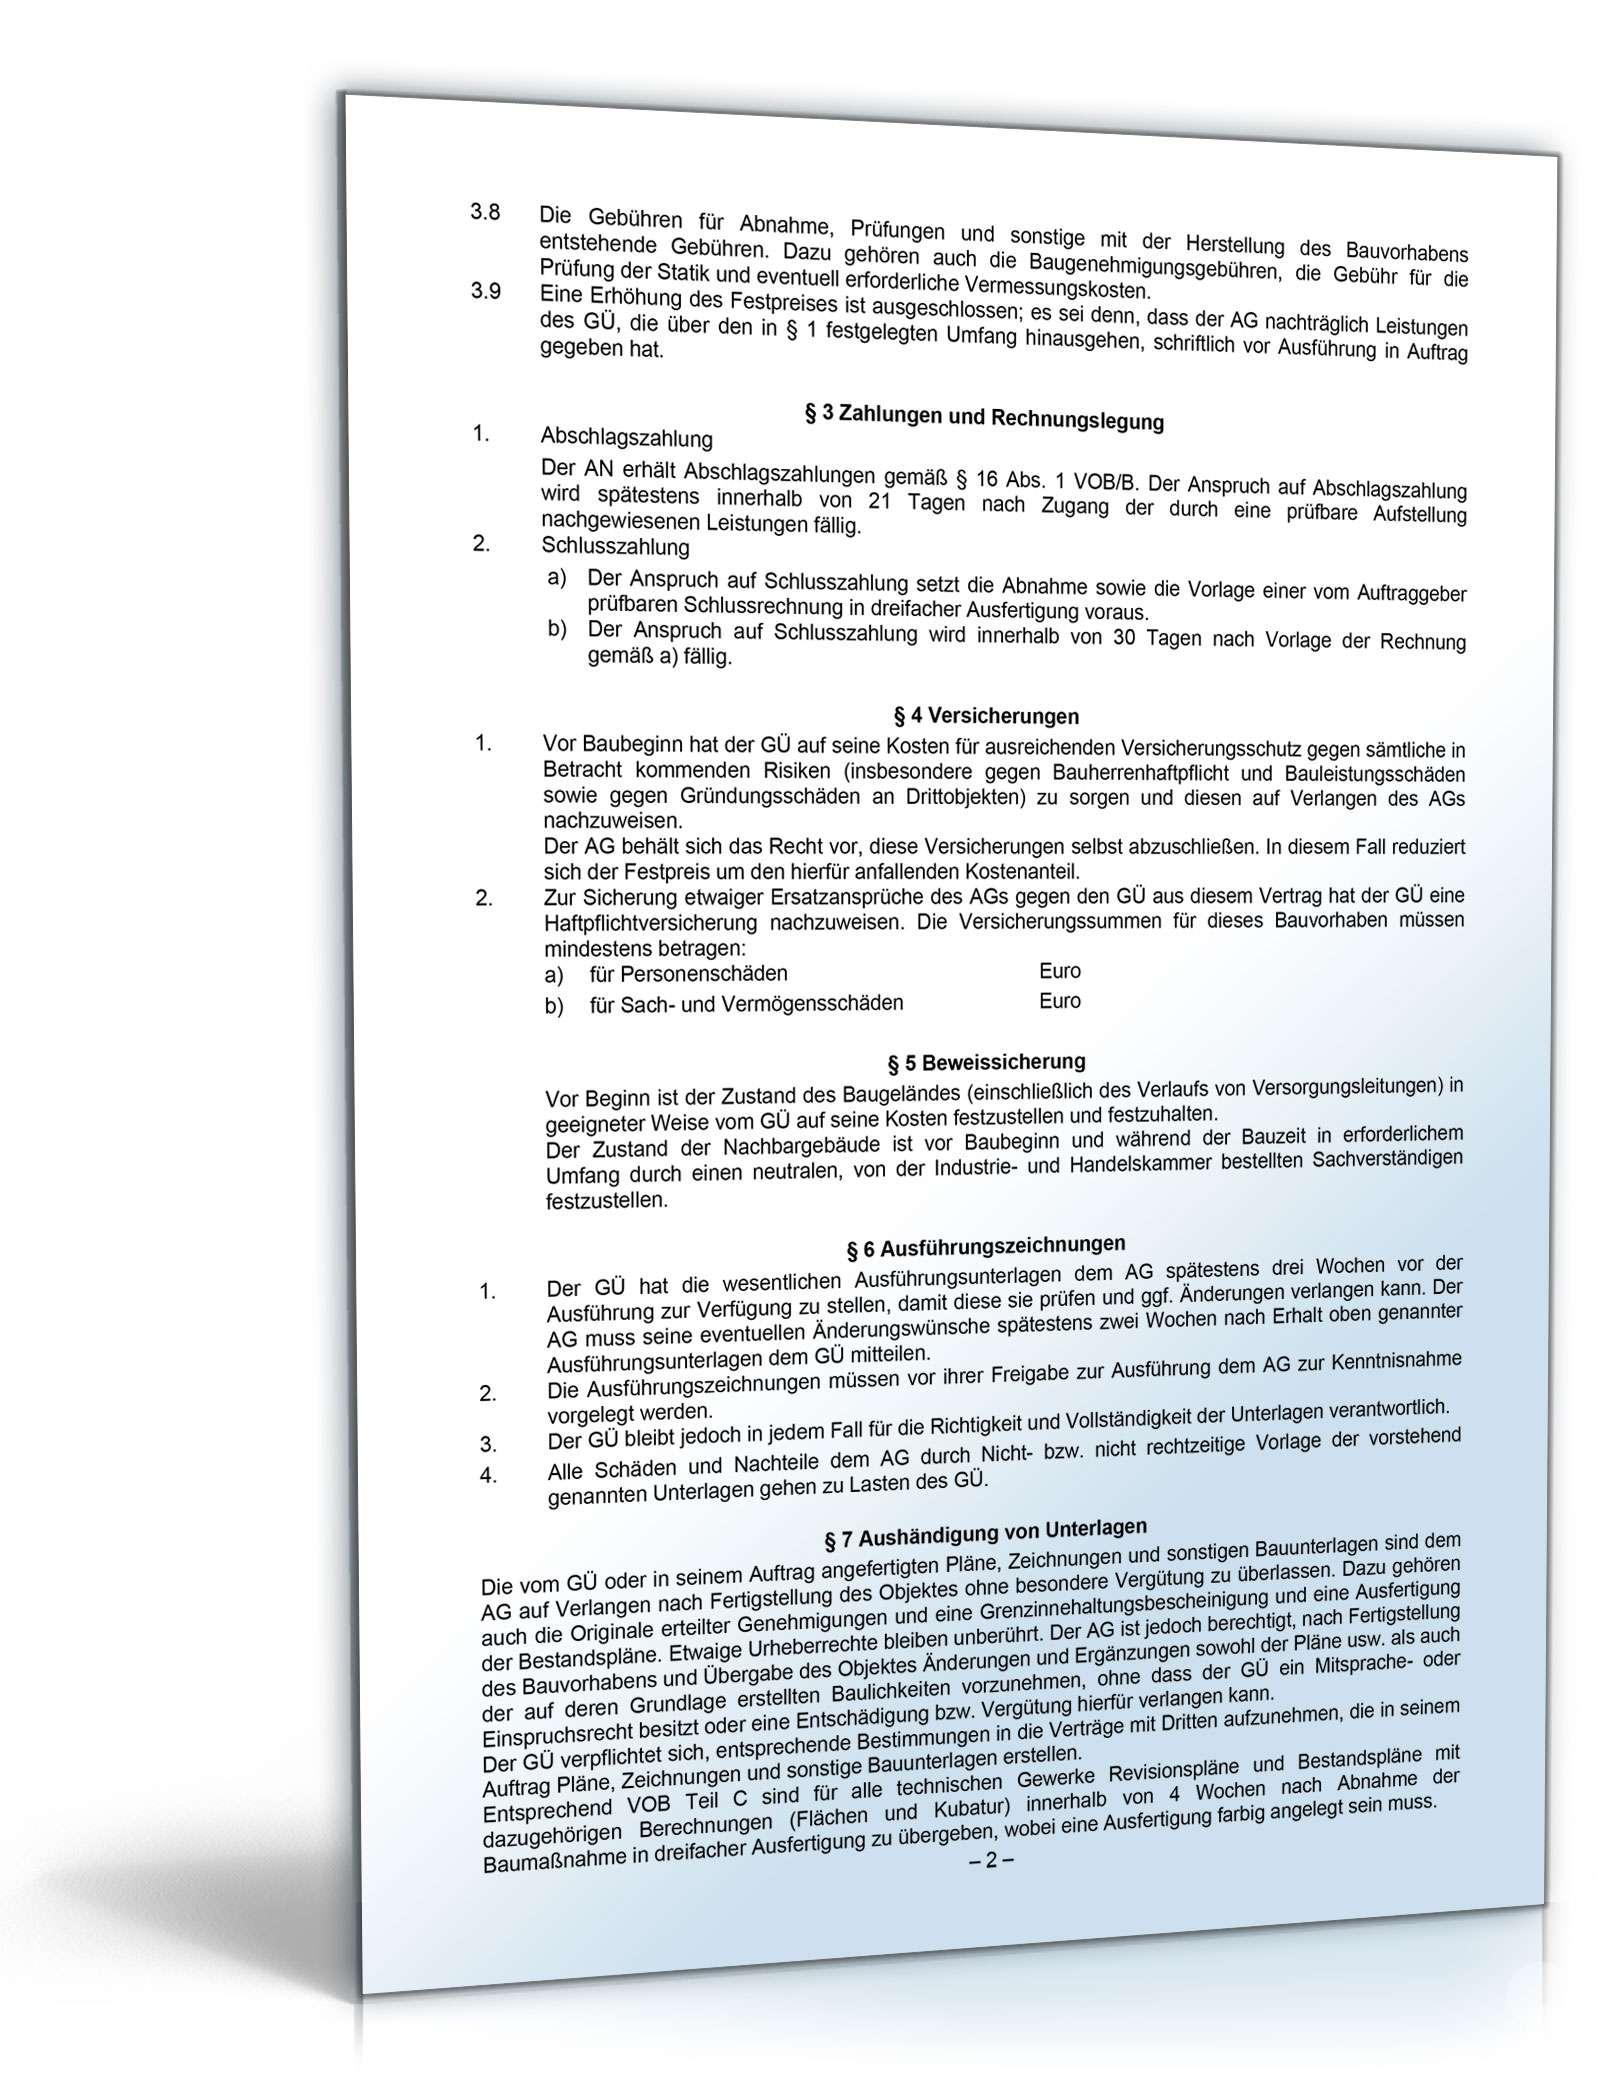 doc seite 1 - Vertragserfullungsburgschaft Muster